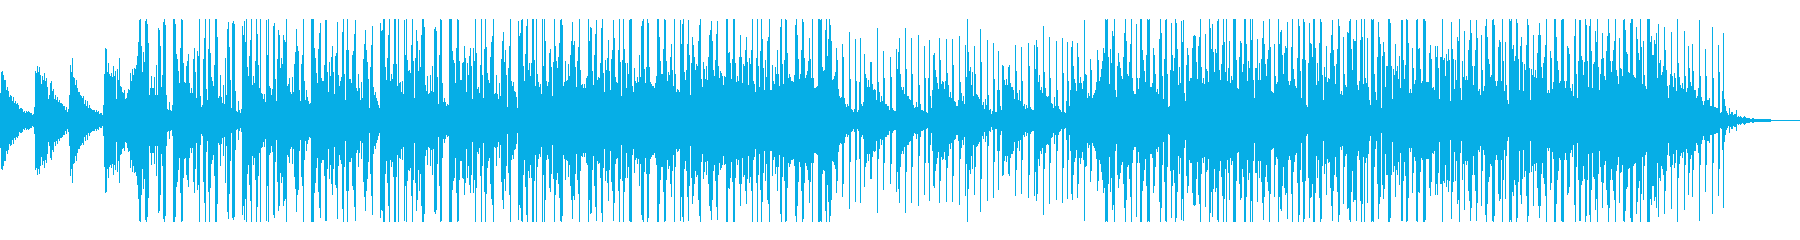 クールなエレクトリックピアノの楽曲の再生済みの波形